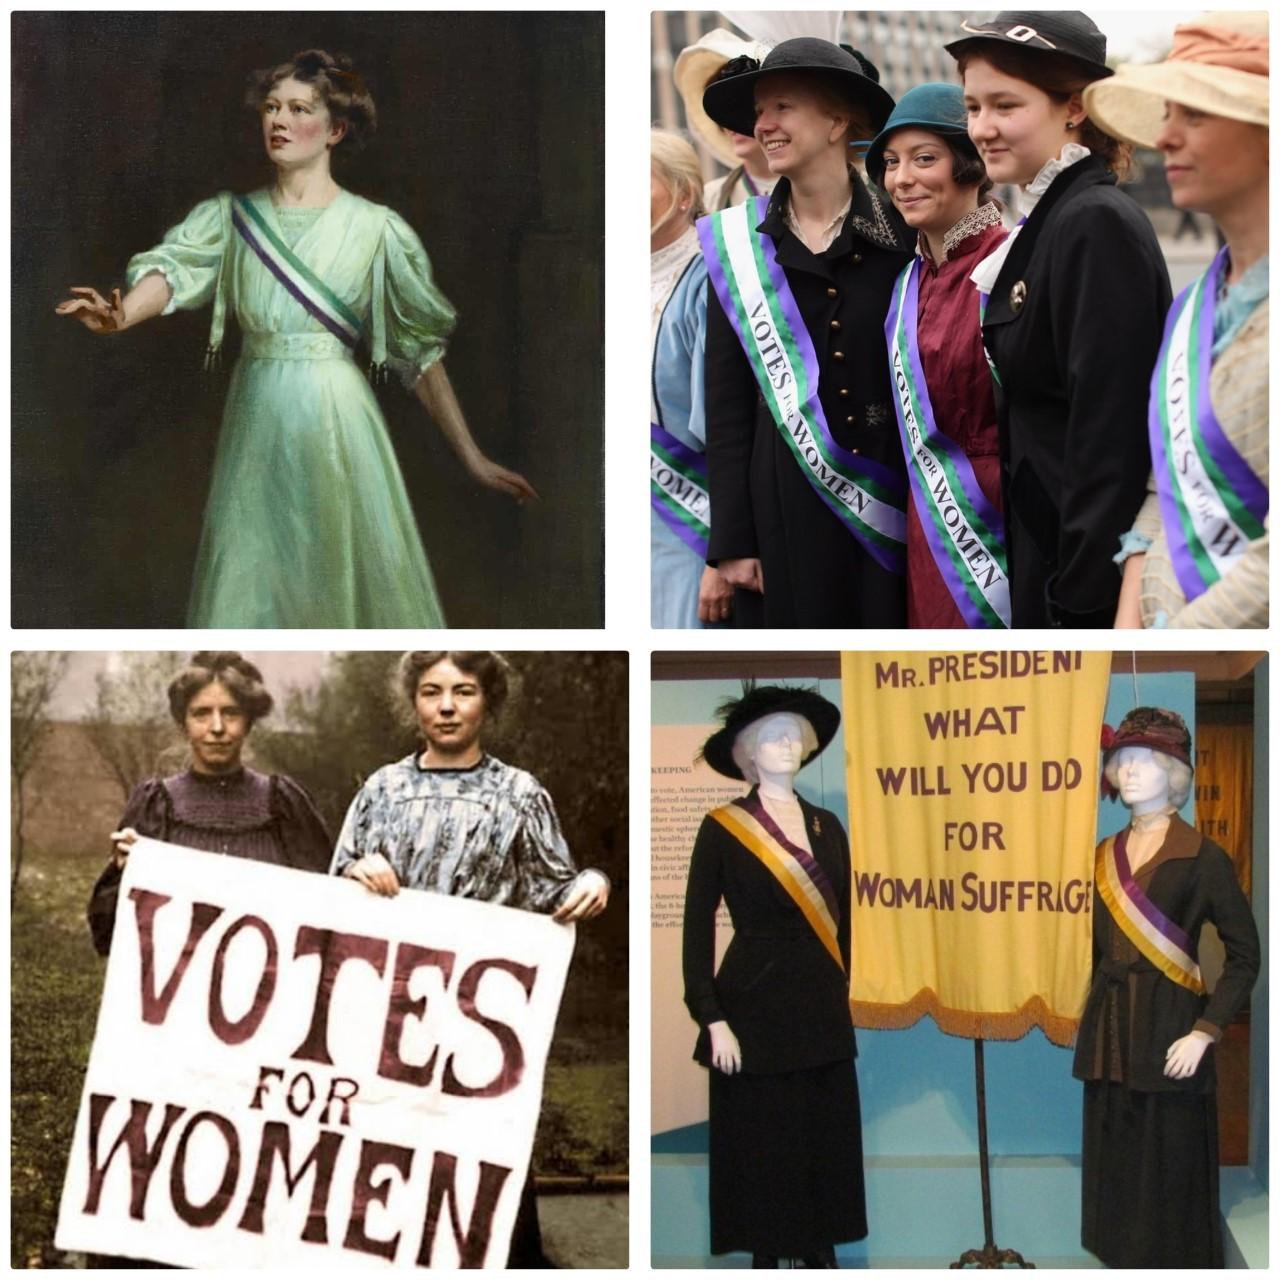 استخدام الألوان سنة 1900 للمطالبة بحقوق المرأة